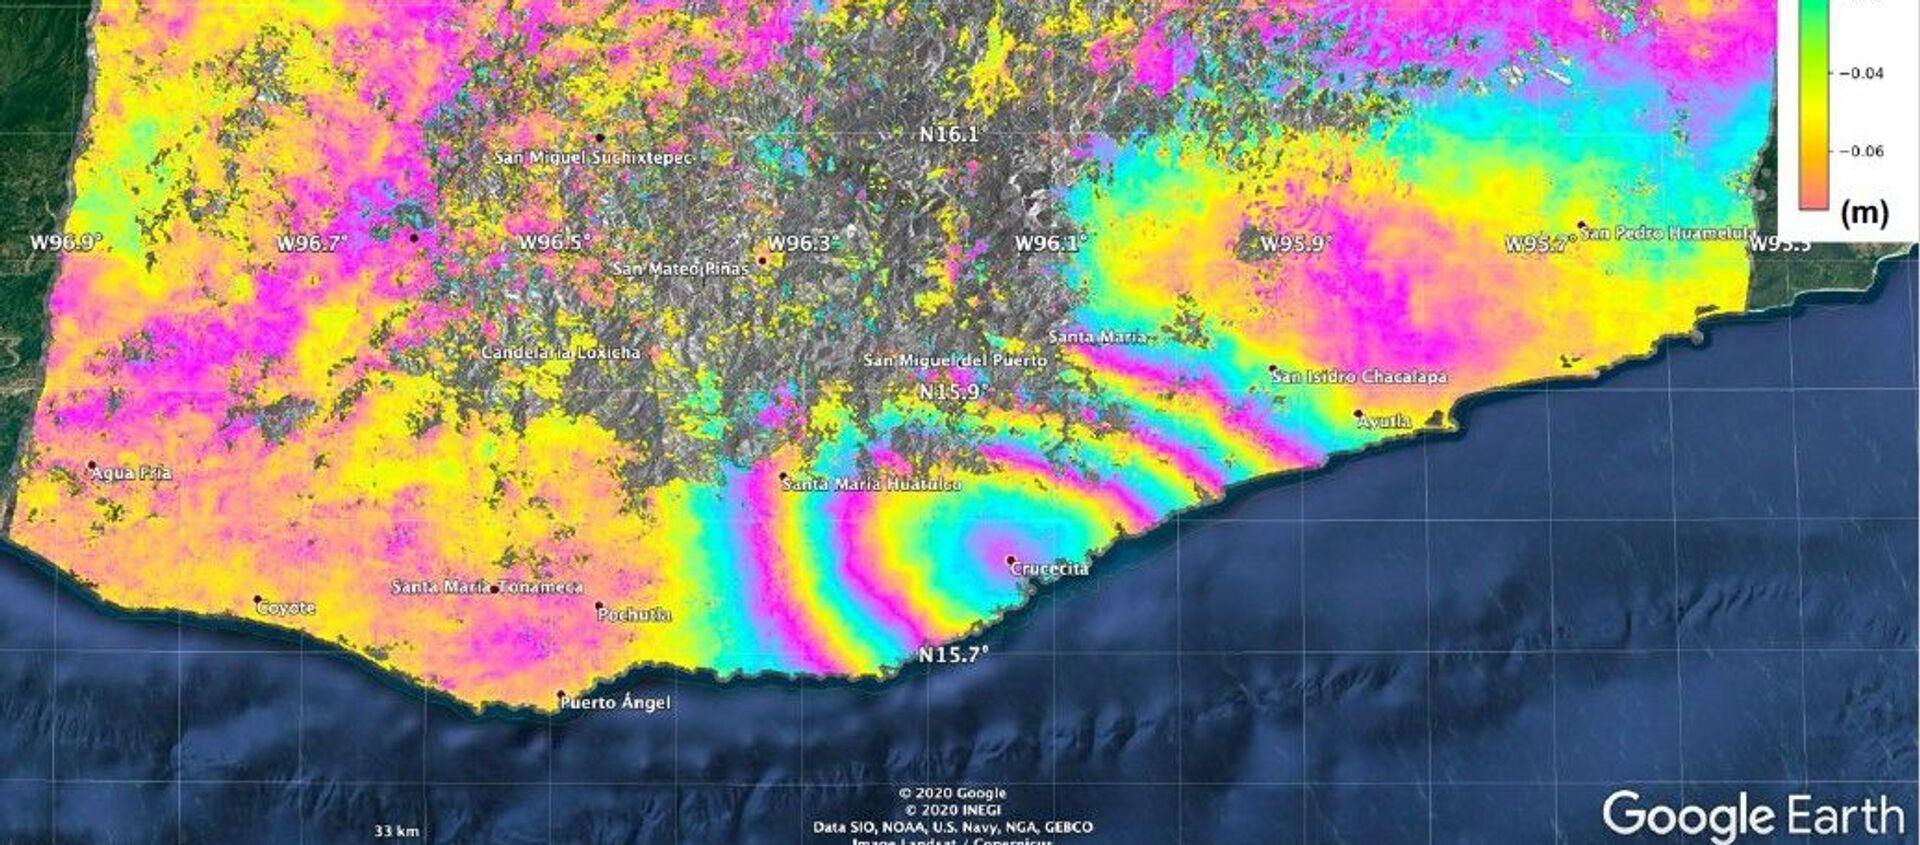 El desplazamiento de la superficie causado por el terremoto de magnitud 7,4 en México - Sputnik Mundo, 1920, 03.07.2020